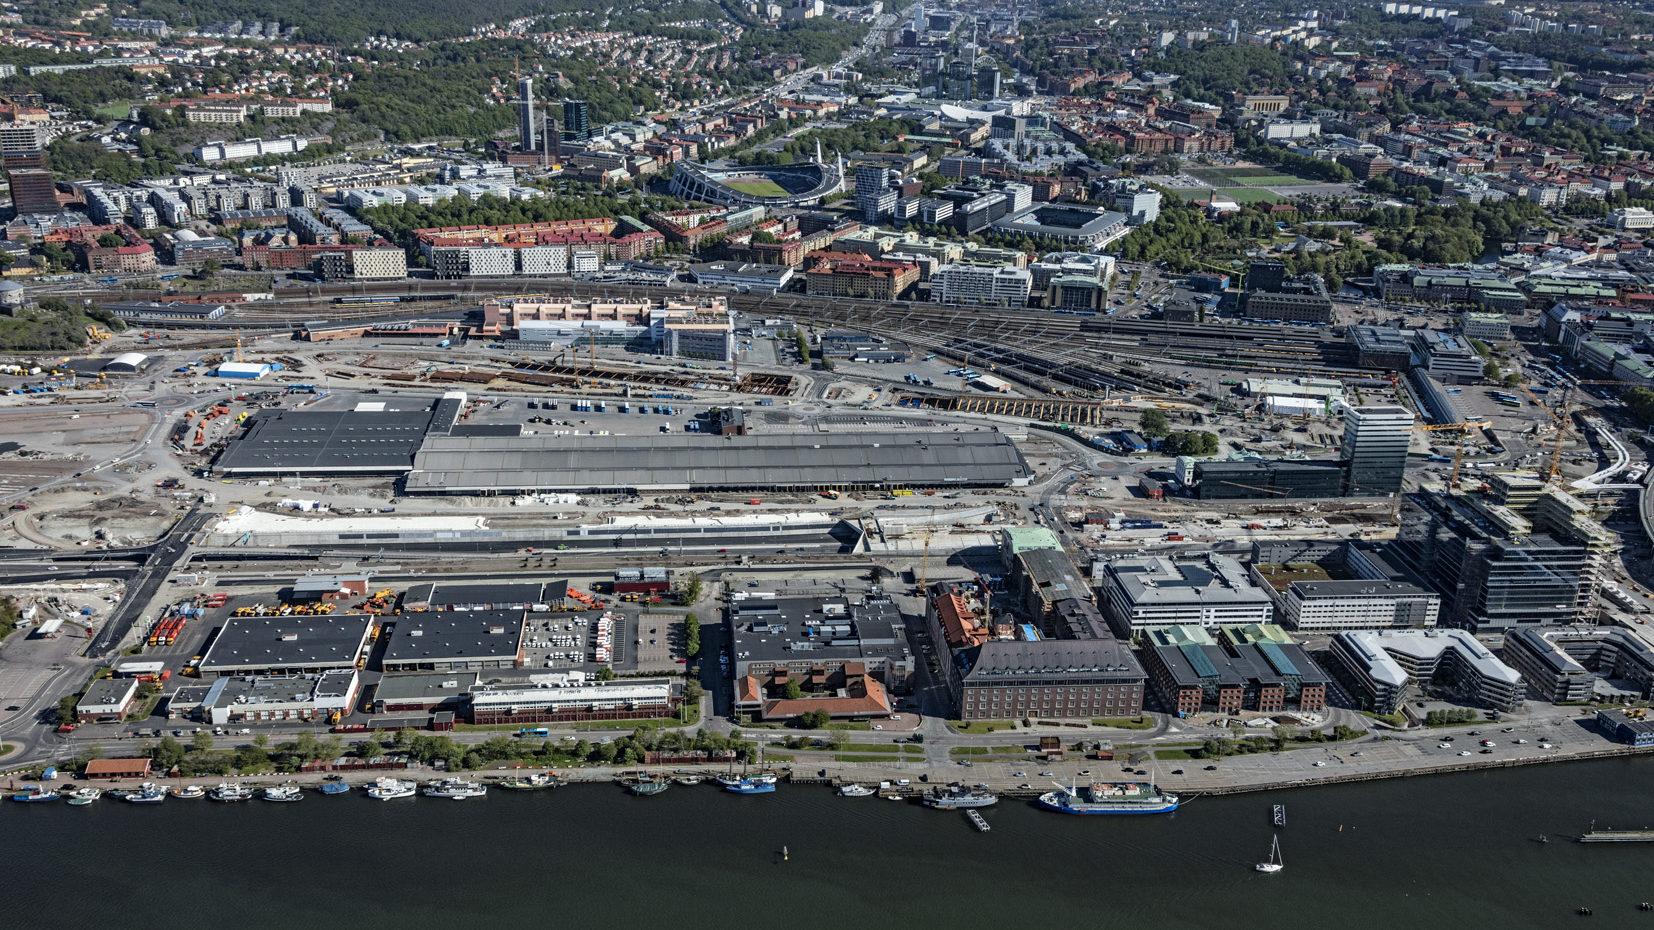 Vy över Guldbergsvass där stora infrastrukturprojekt pågår, bland annat byggandet av Västlänken.